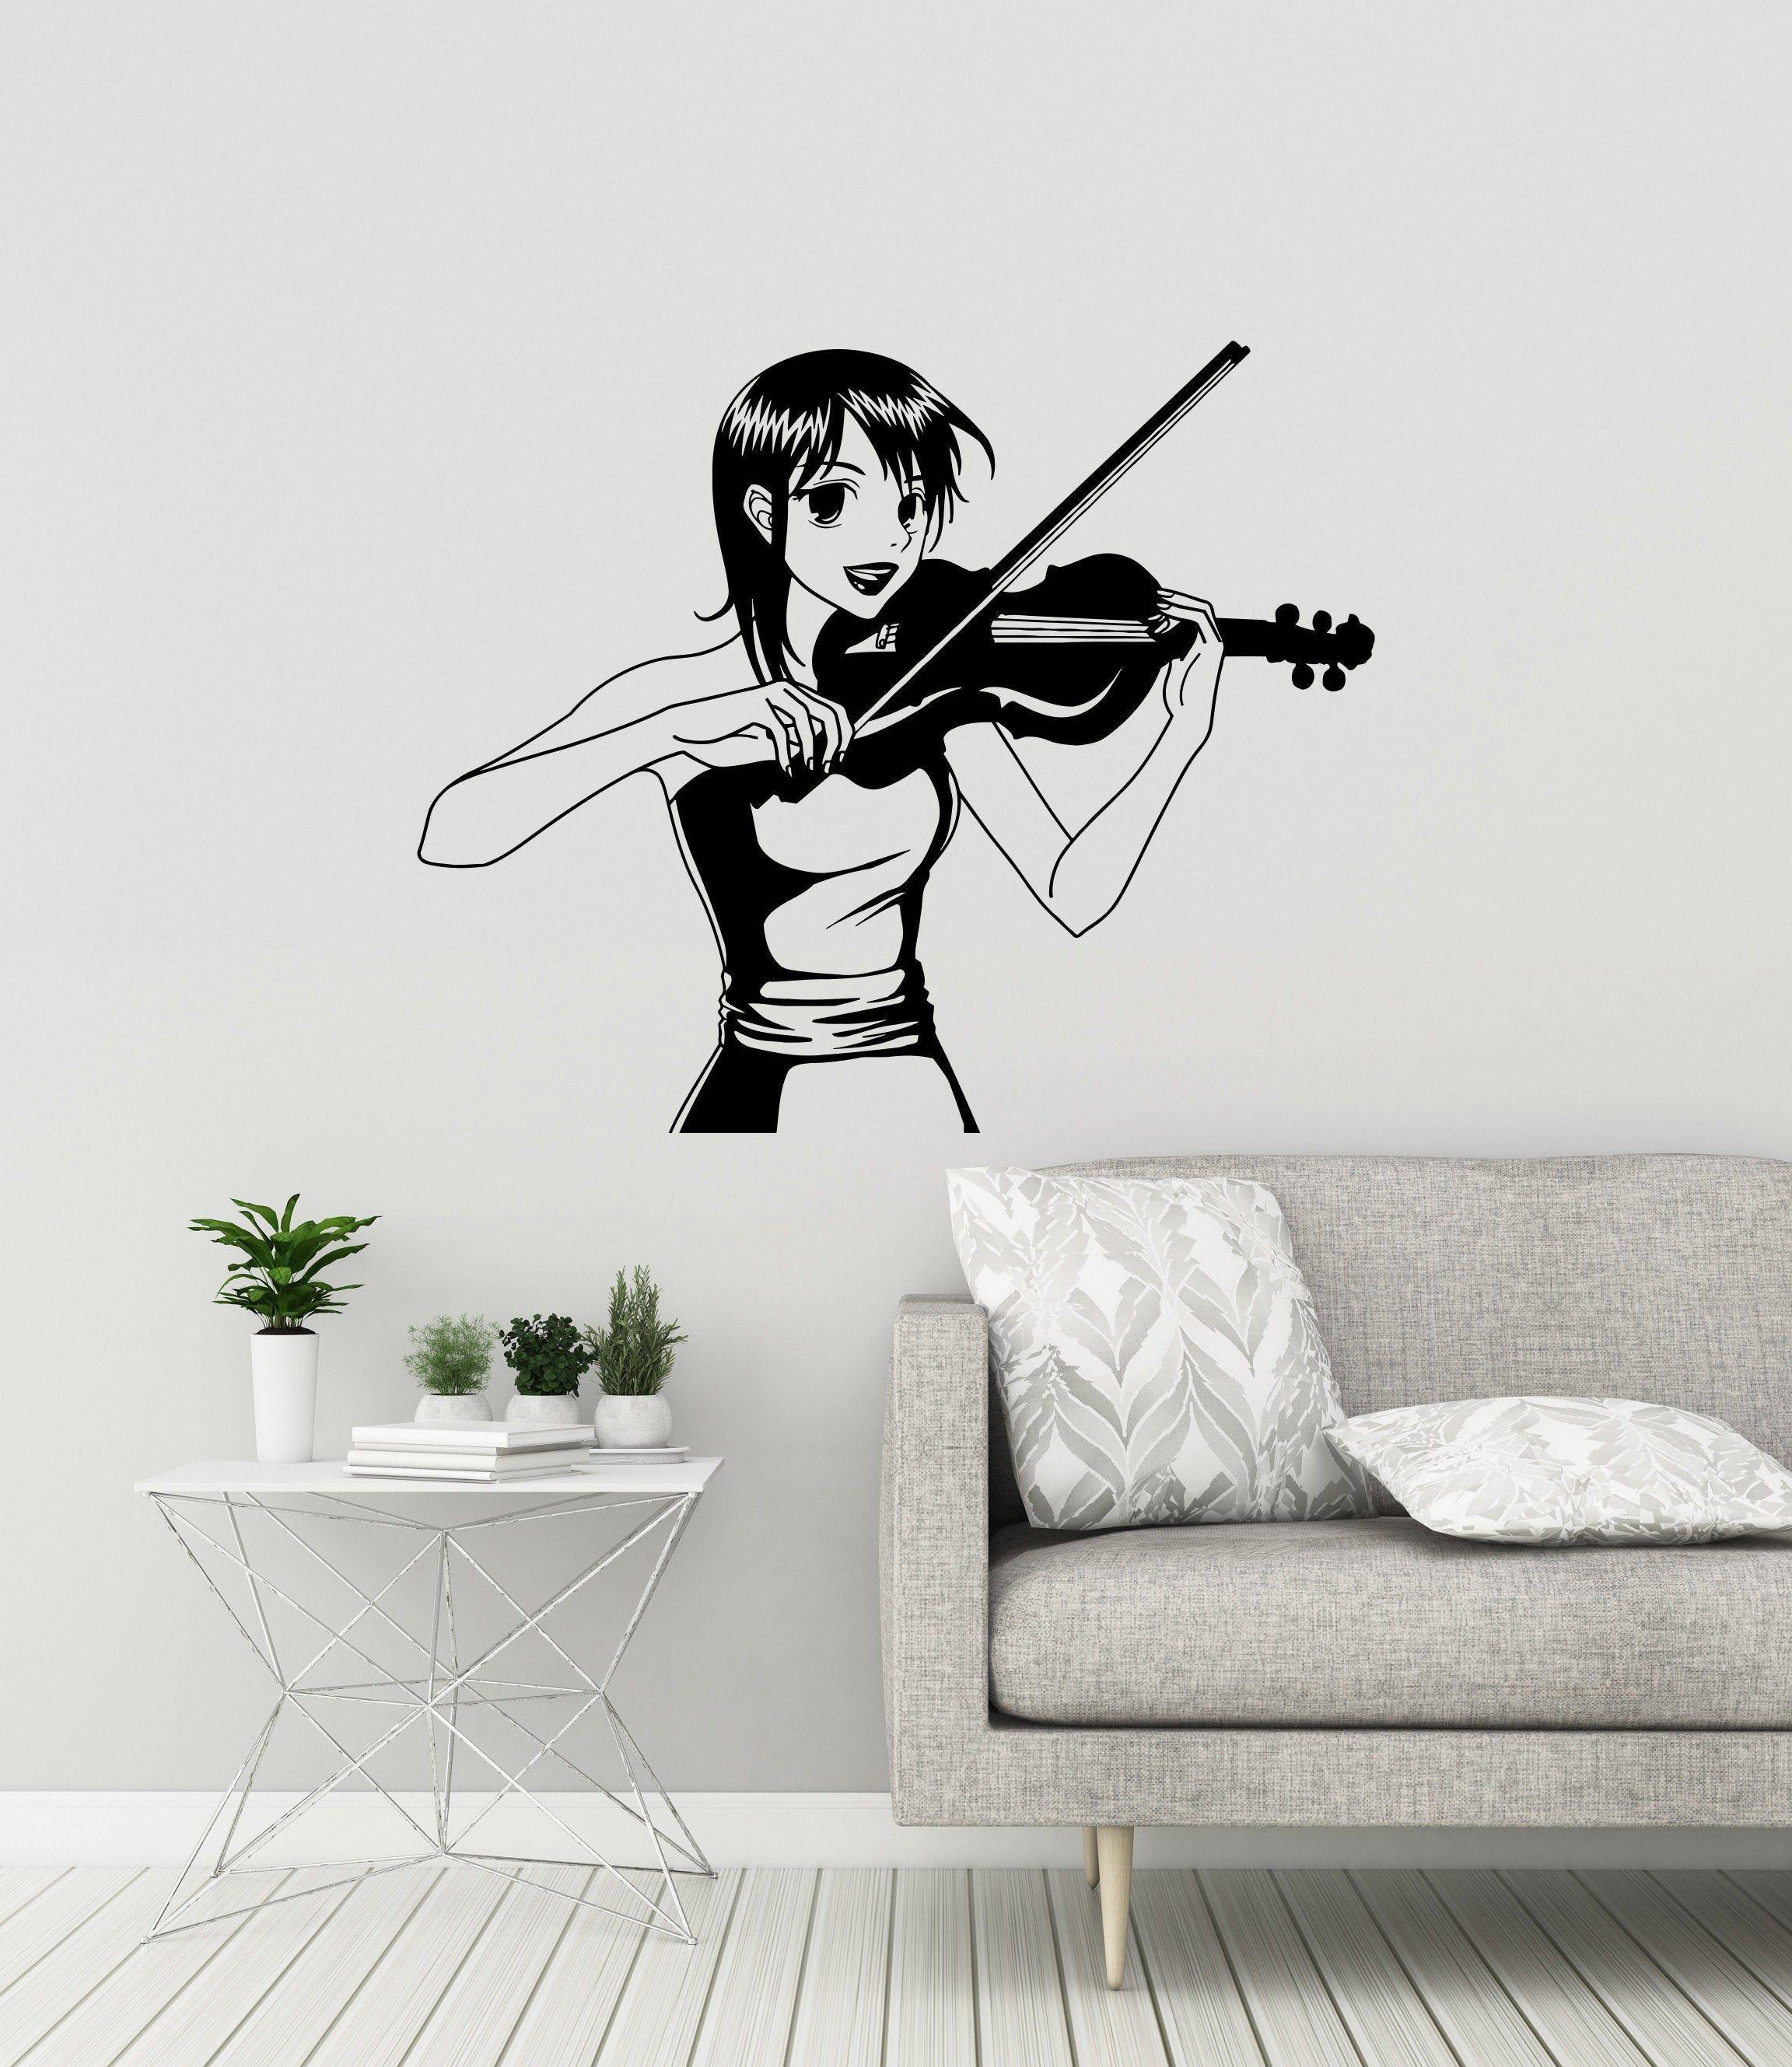 Vinyl Wall Decal Anime Manga Girl Violin Player Music